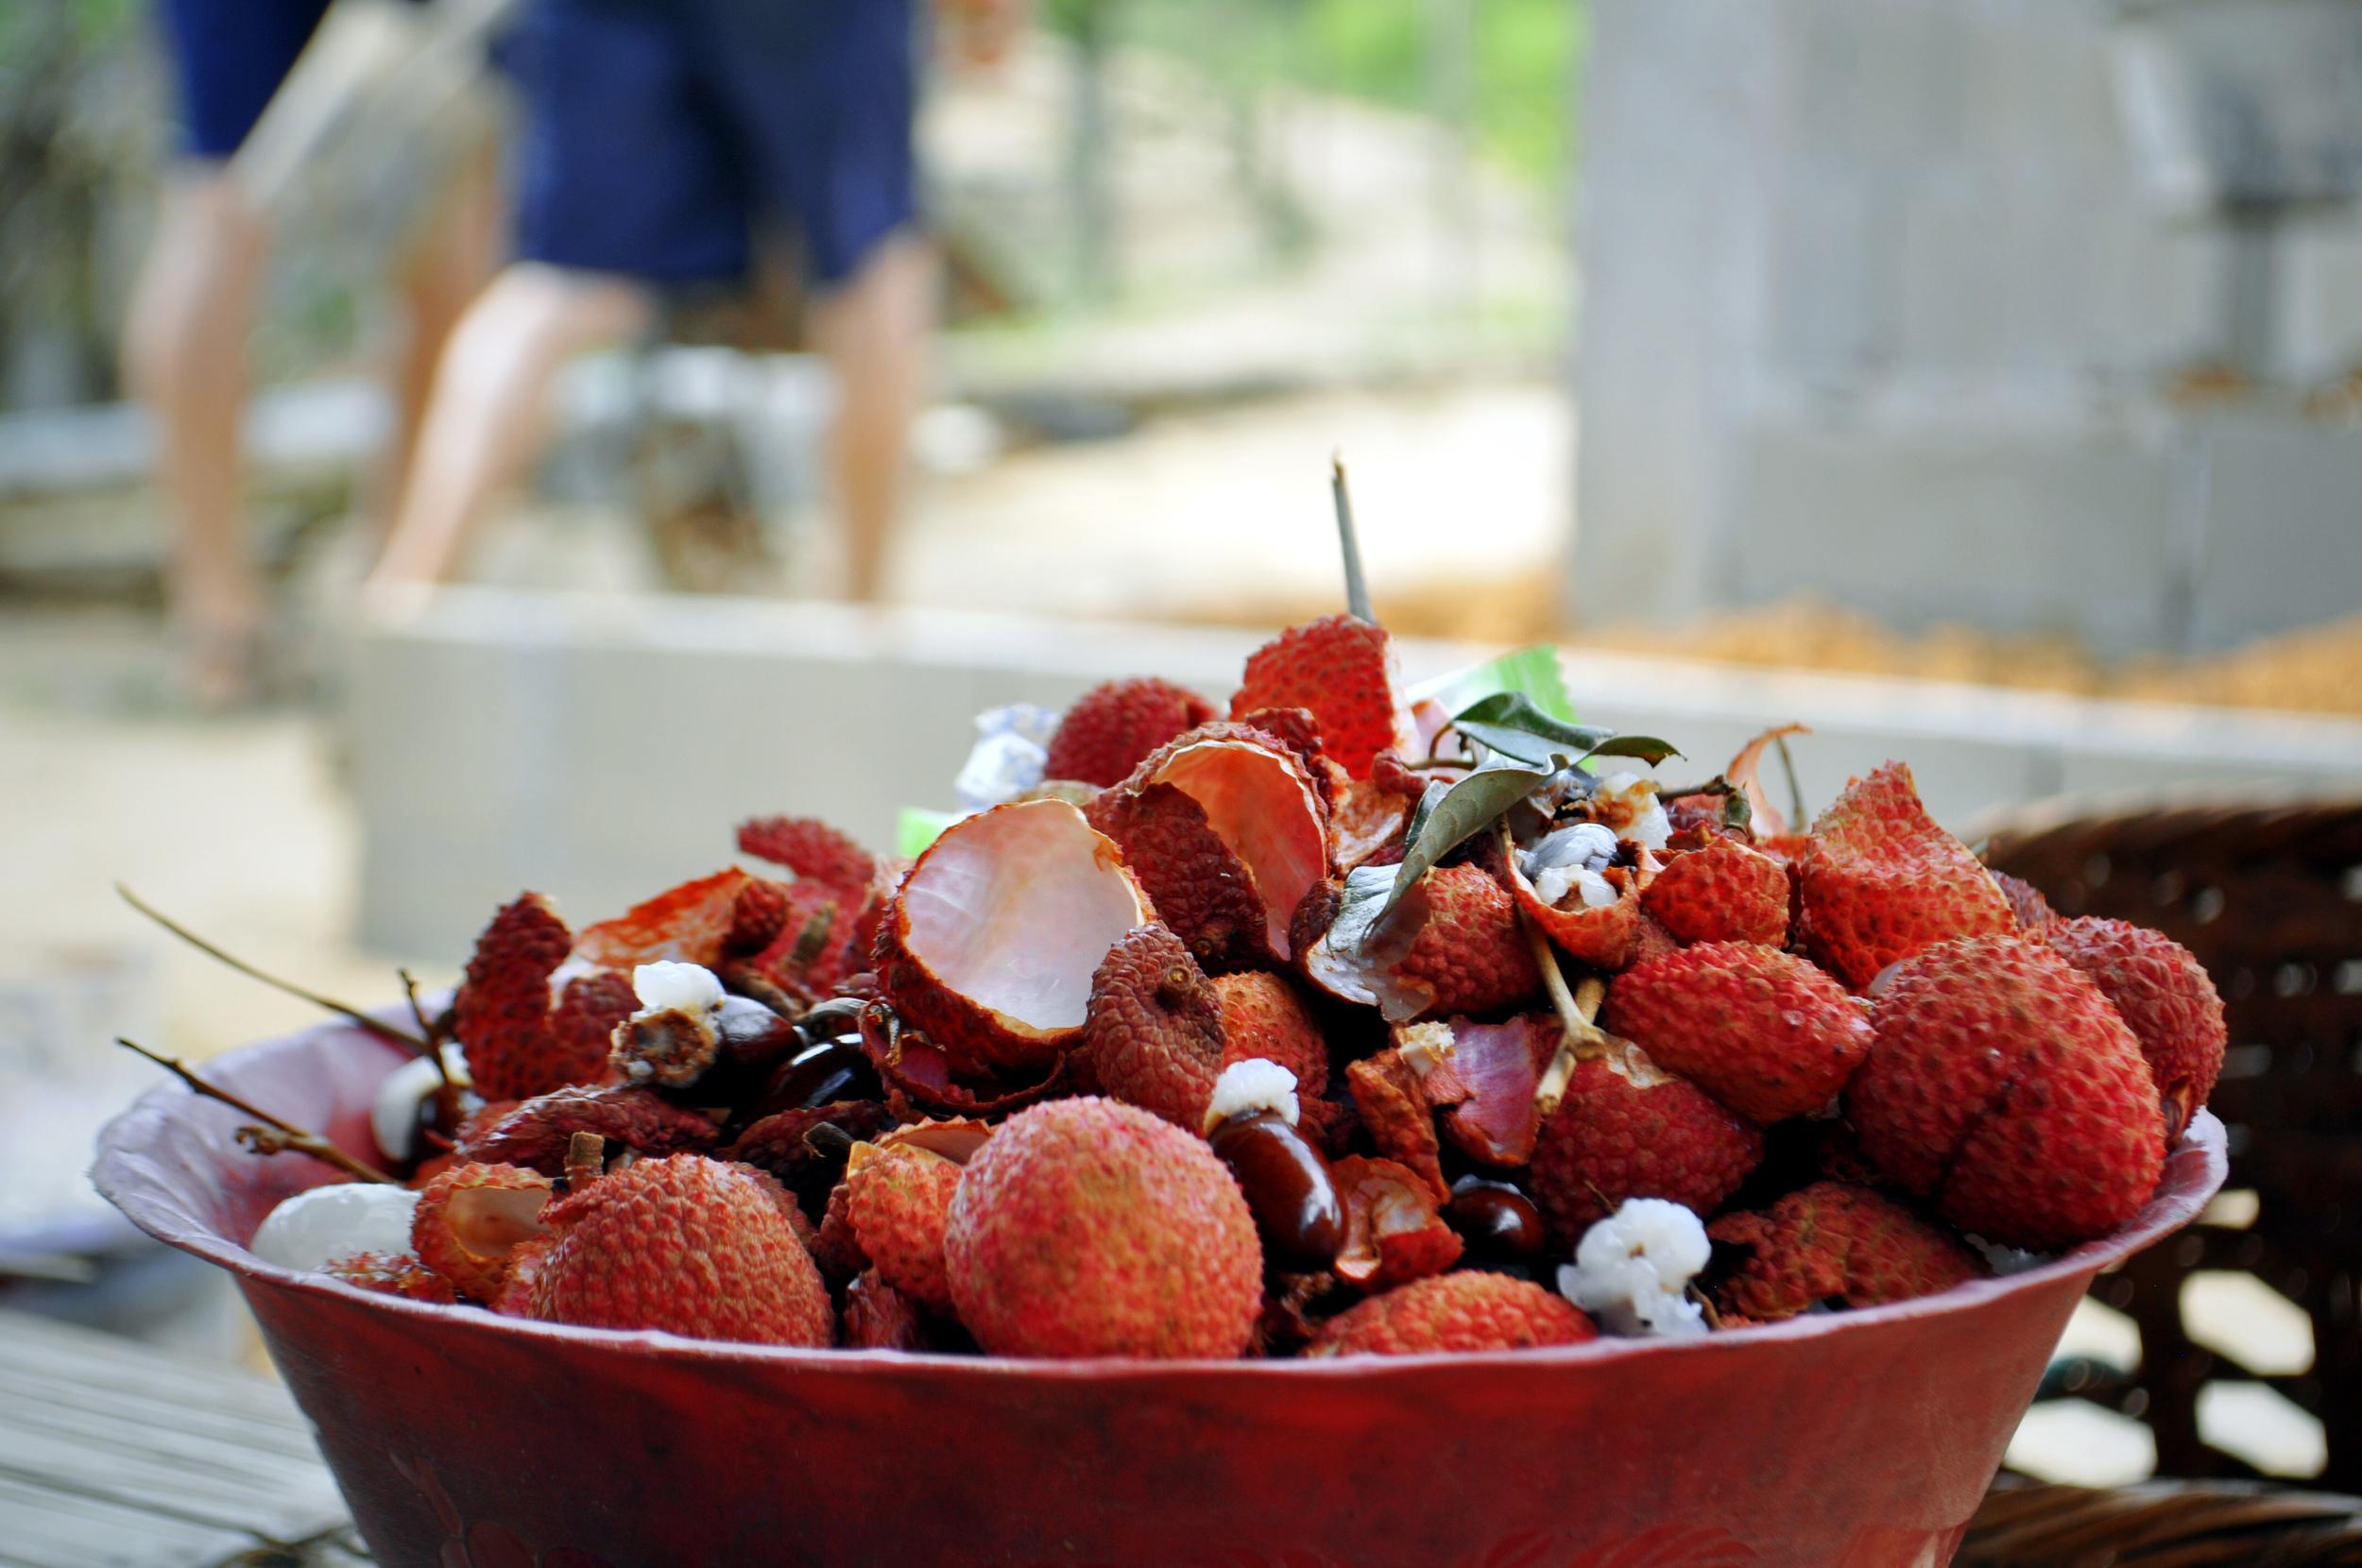 Leche fruit